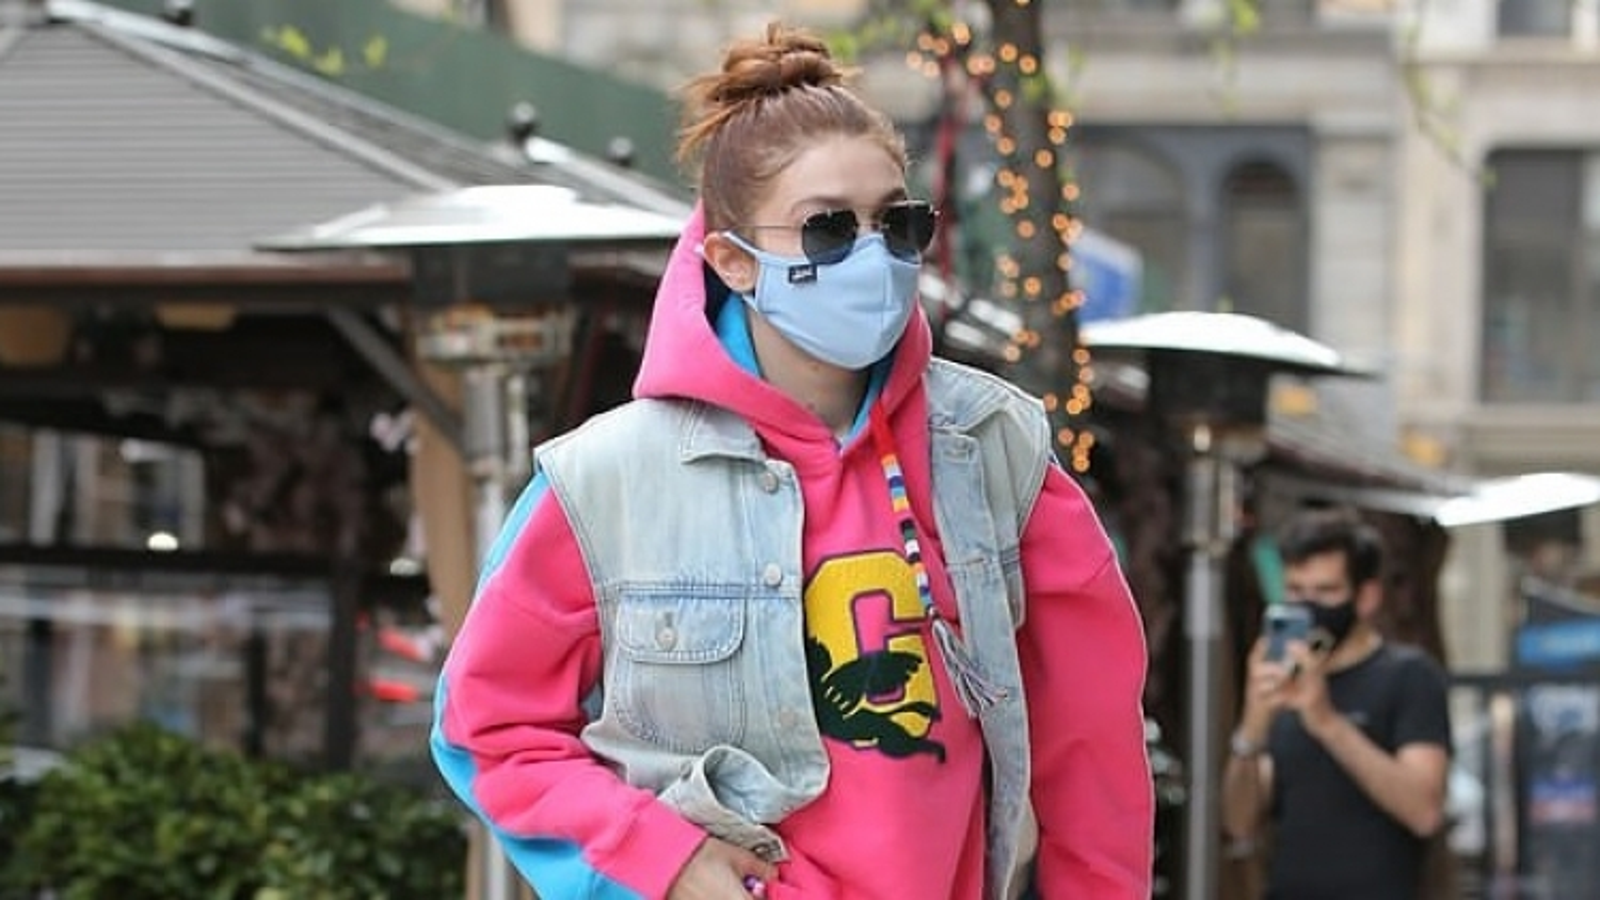 Siêu mẫu Gigi Hadid trẻ trung đi dạo phố